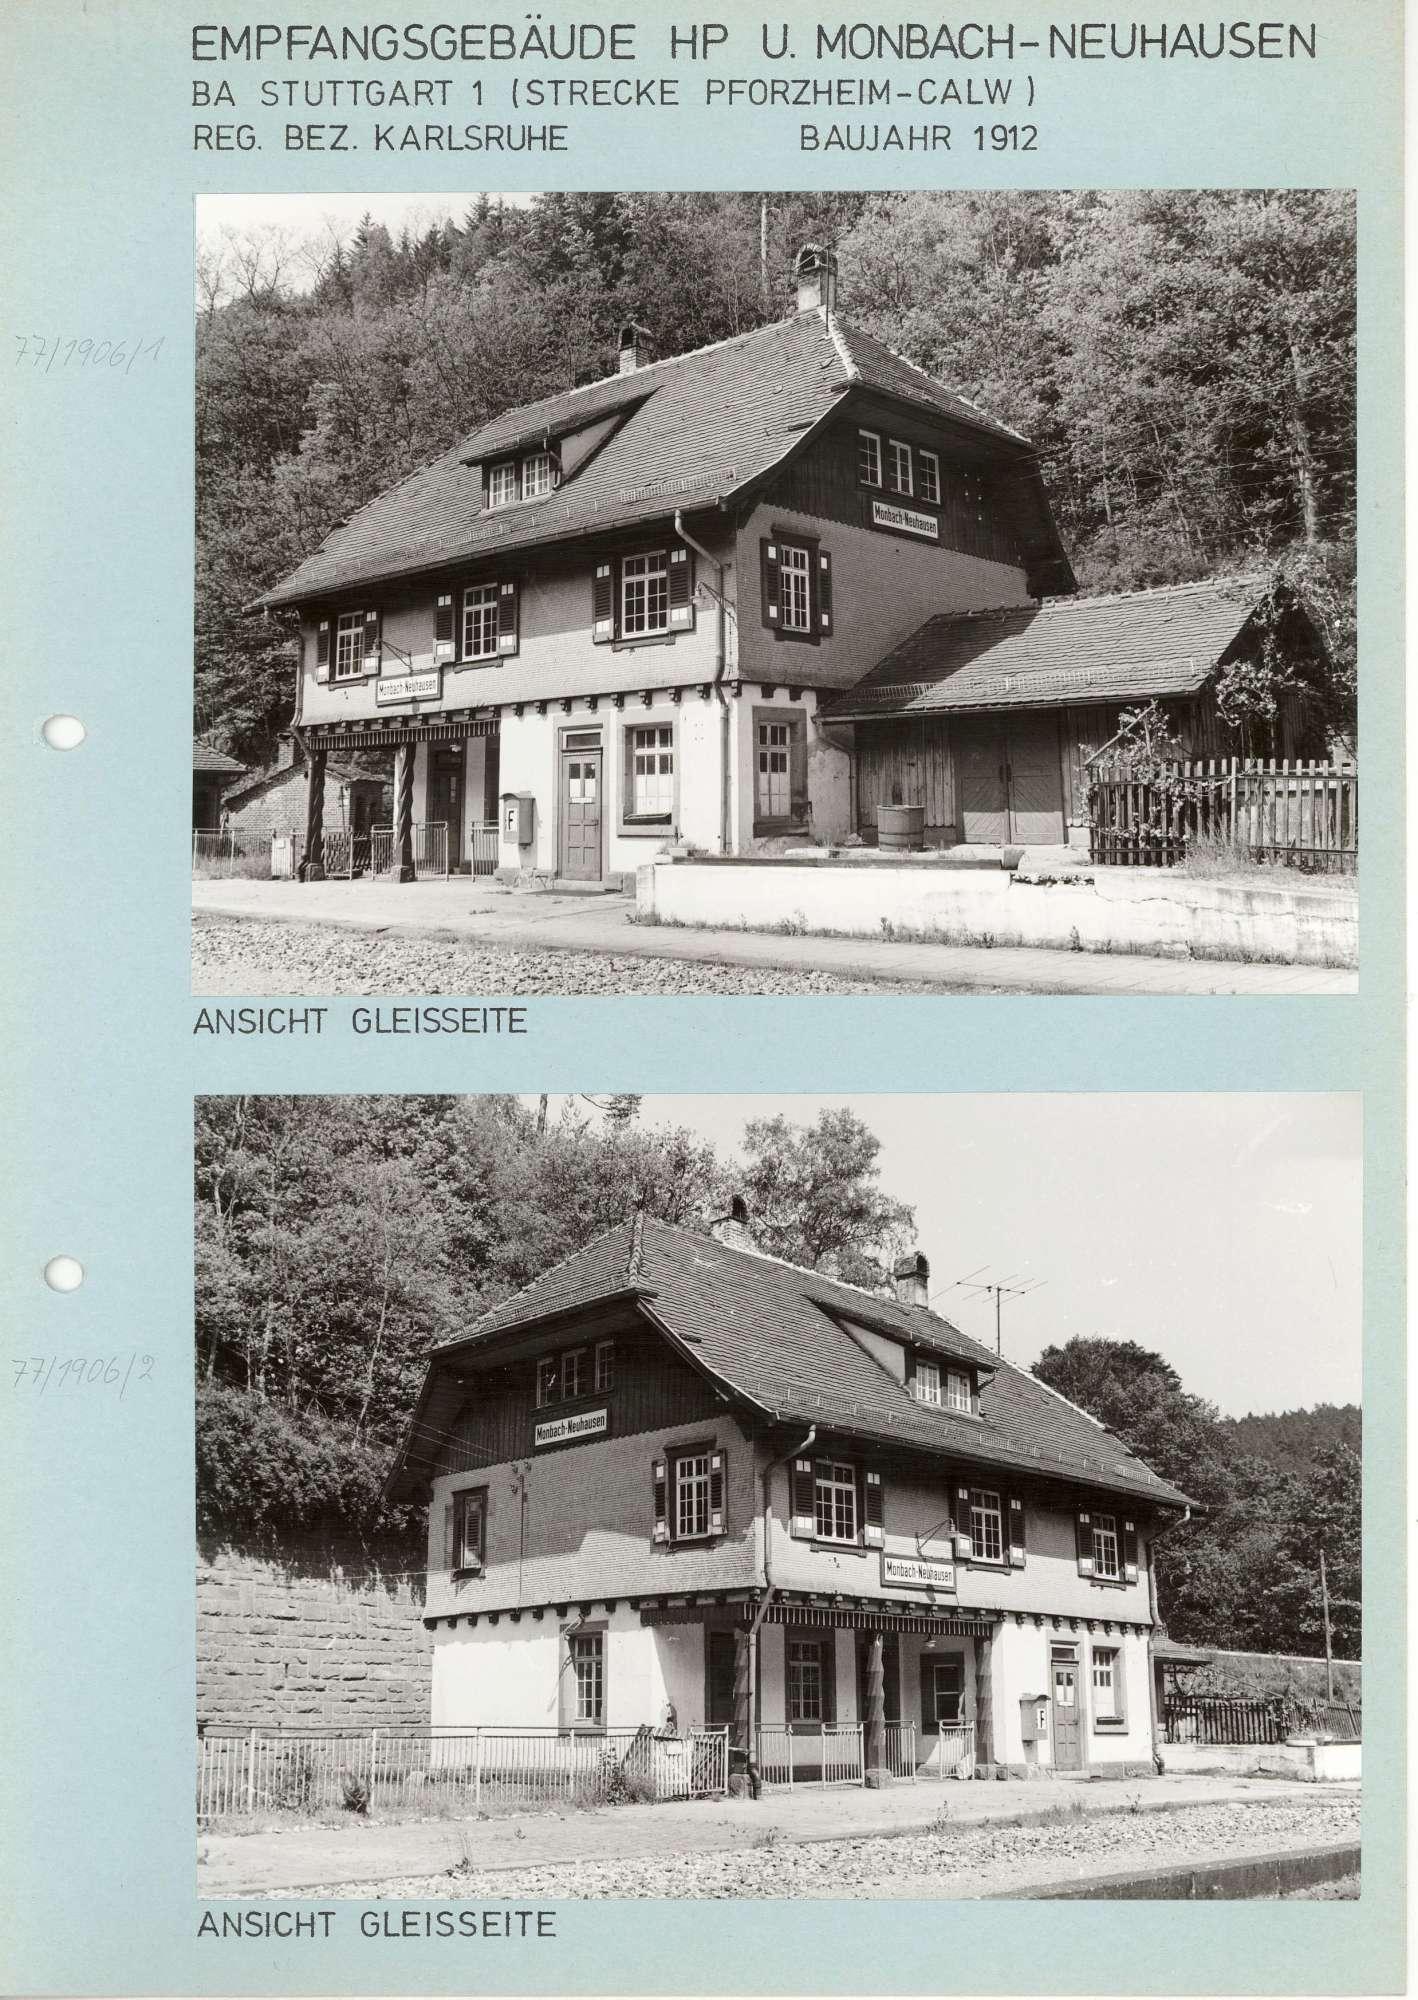 Monbach-Neuhausen: 2 Fotos, Bild 1